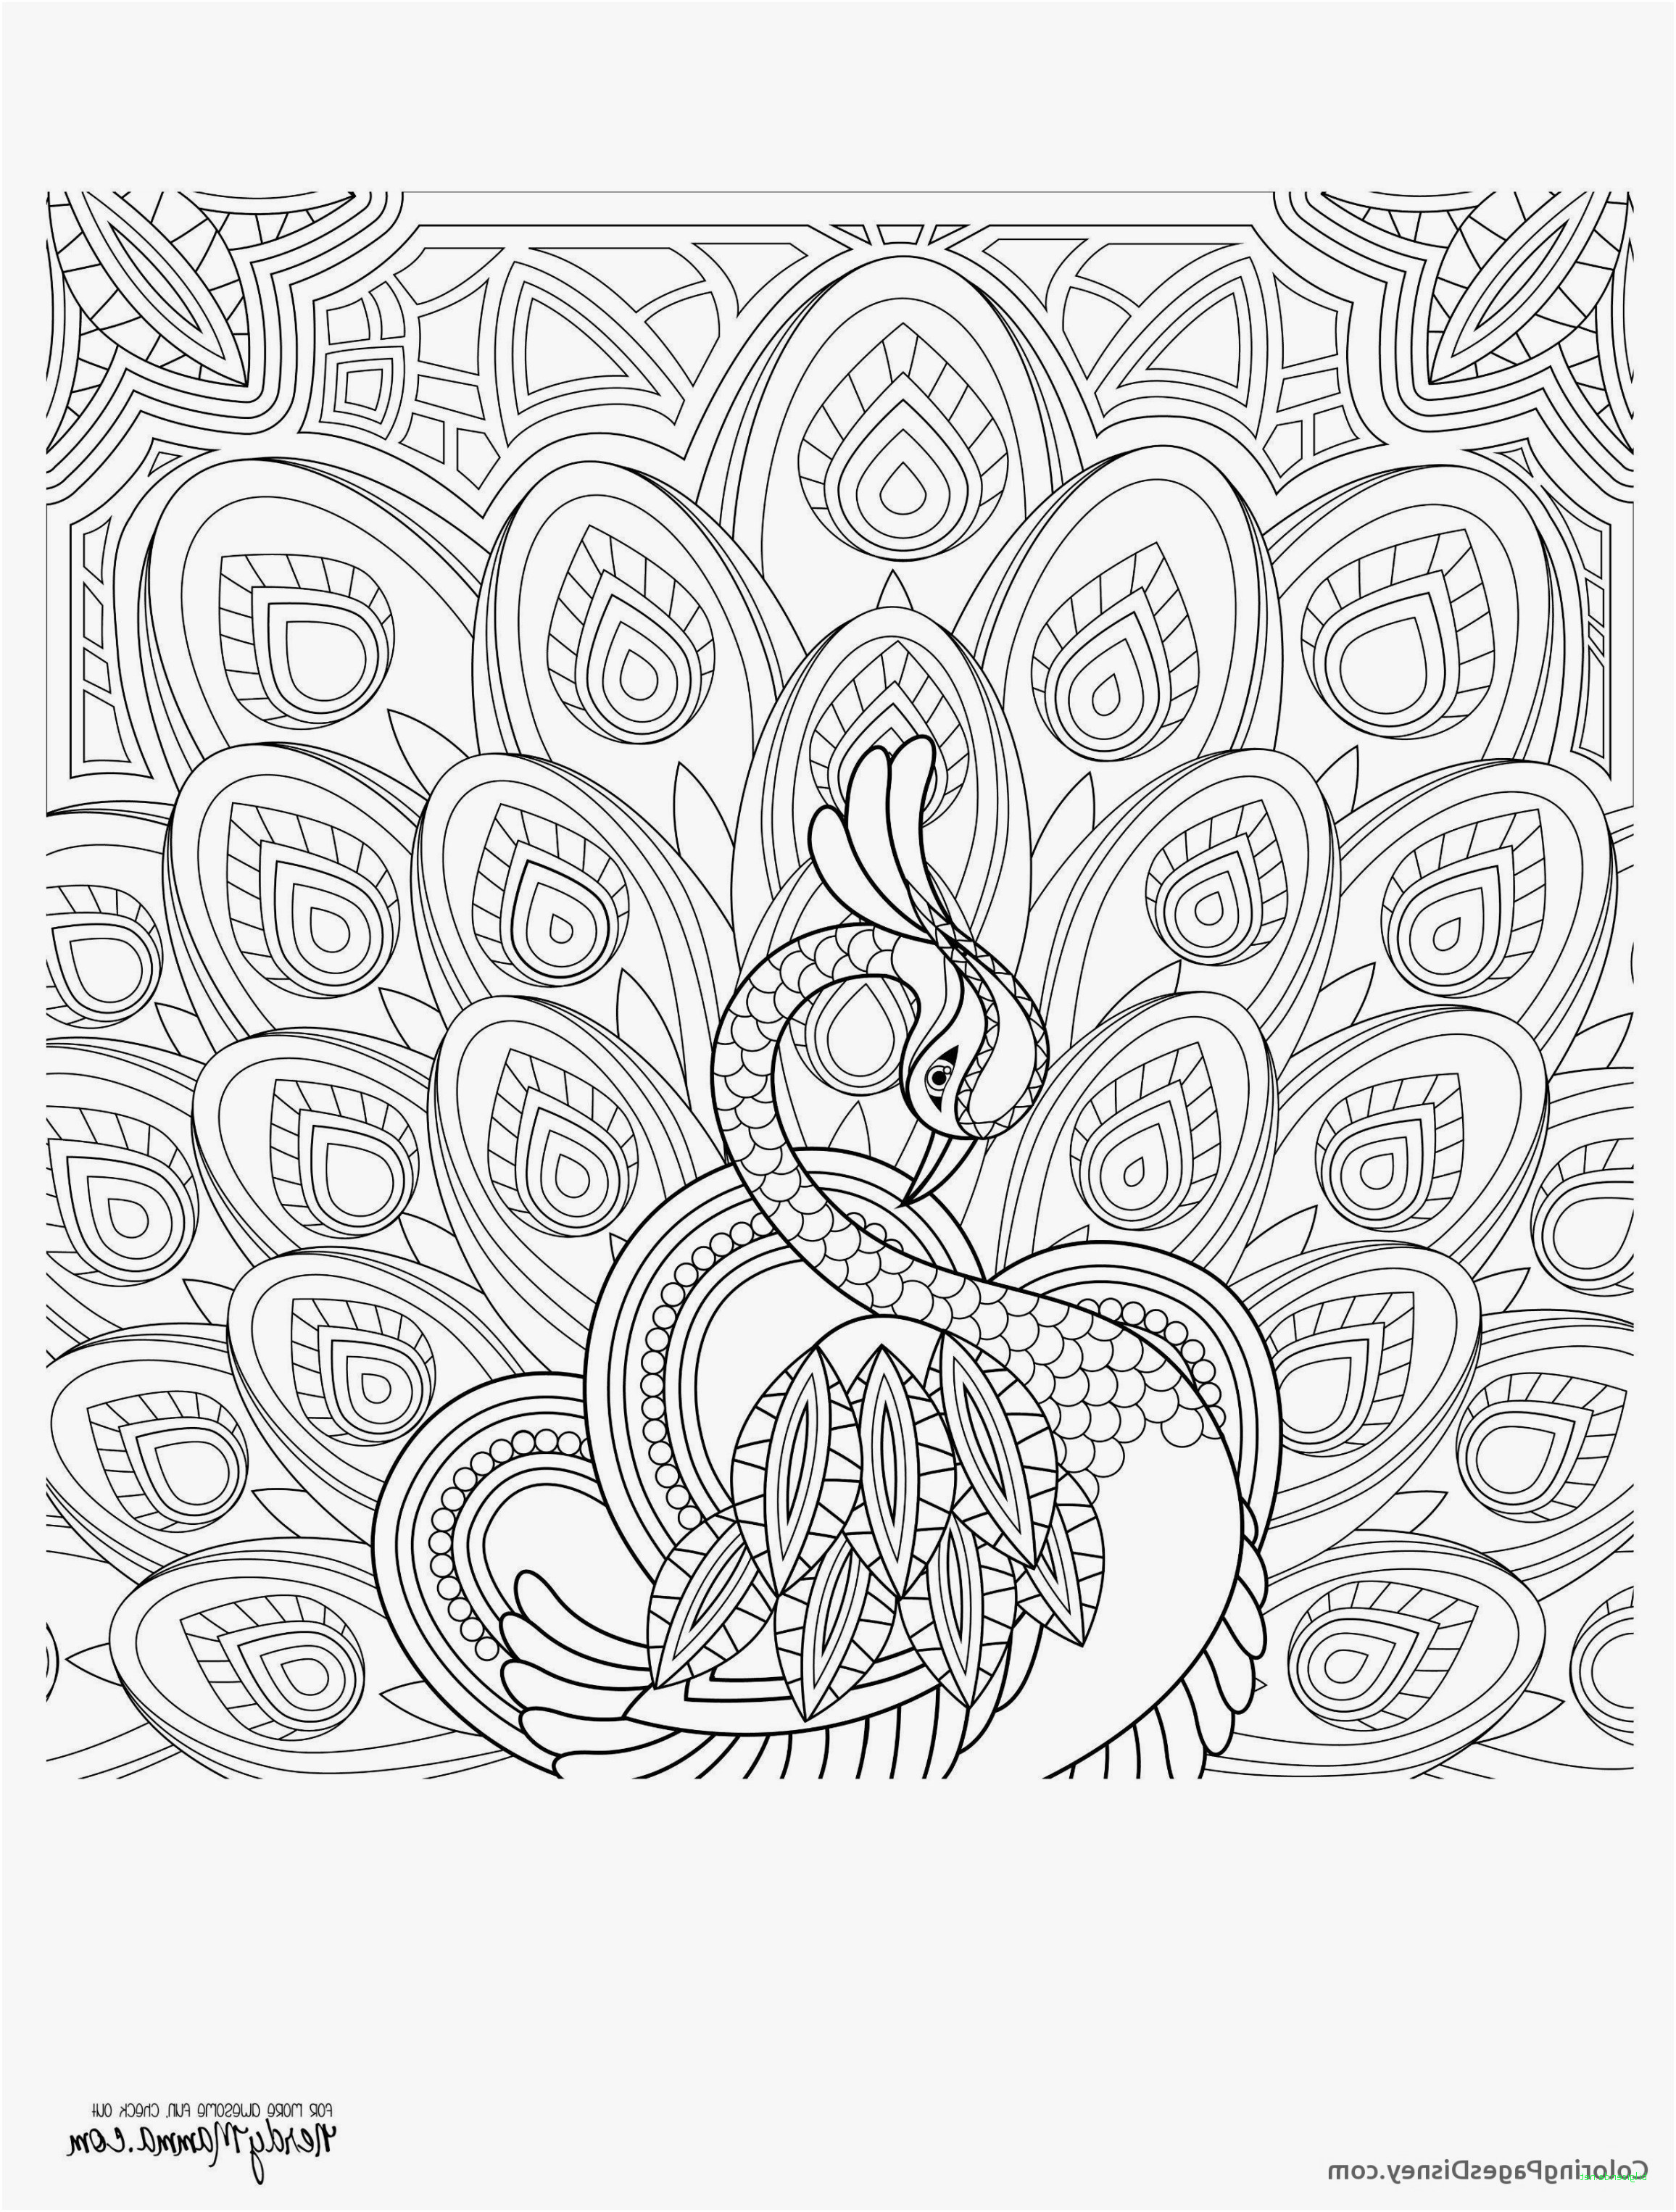 Disney Bilder Zum Ausmalen Frisch 34 Lecker Ausmalbild Disney – Große Coloring Page Sammlung Sammlung